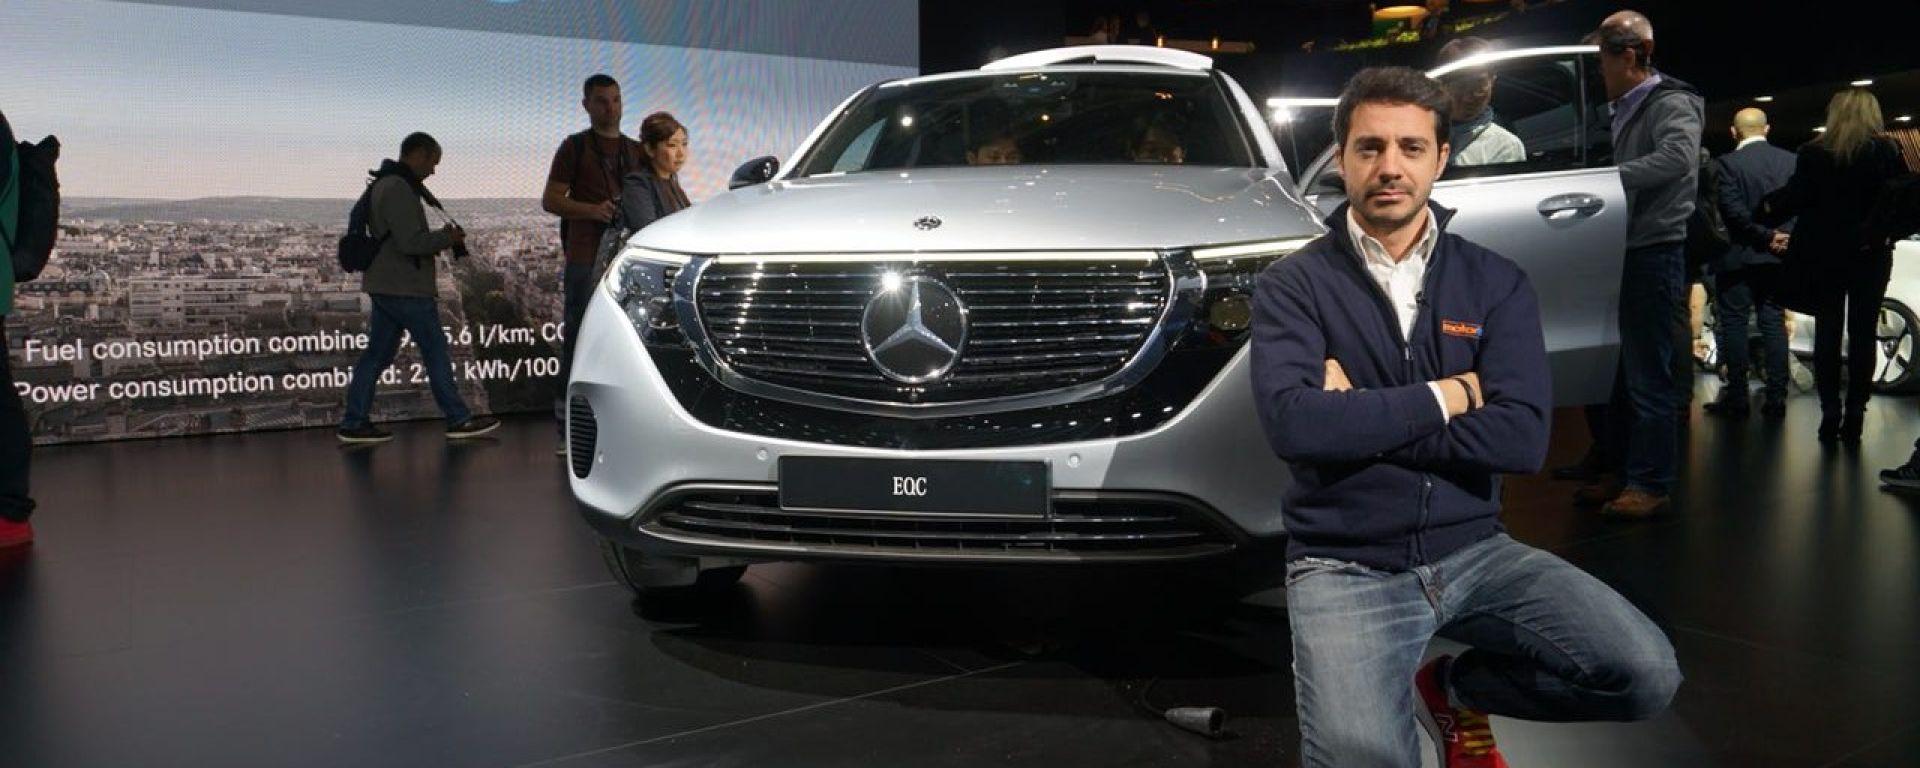 Nuova Mercedes EQC: il Suv elettrico in video da Parigi 2018